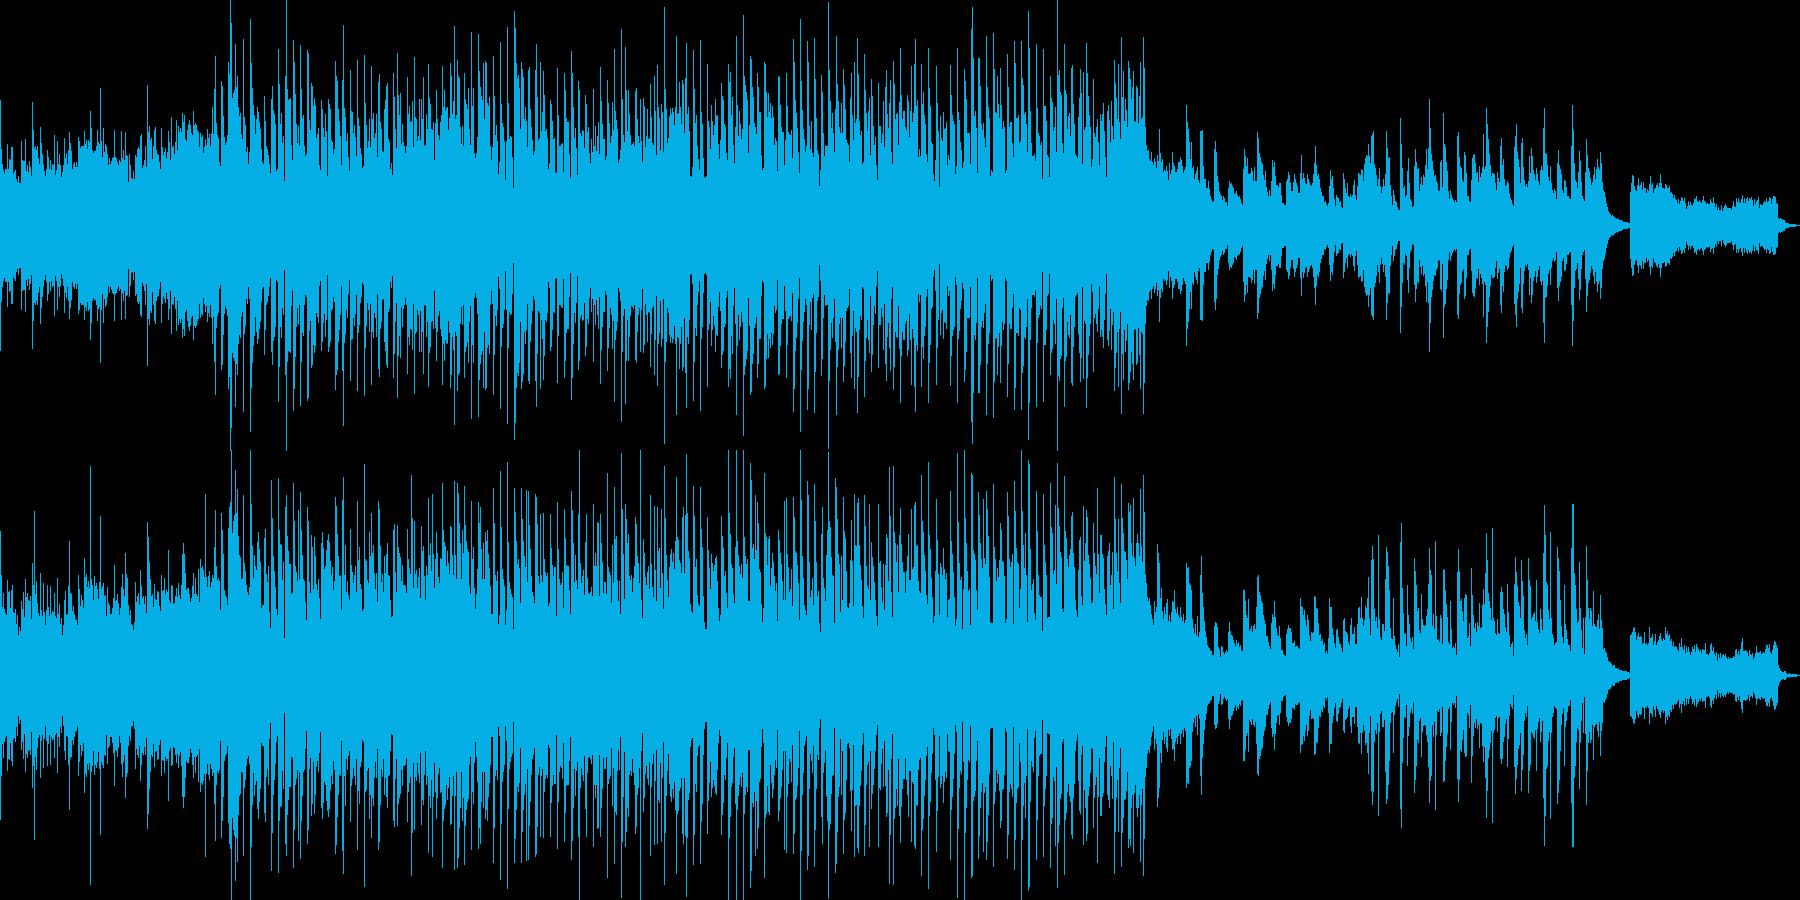 クラシックアレンジのウエディング曲の再生済みの波形